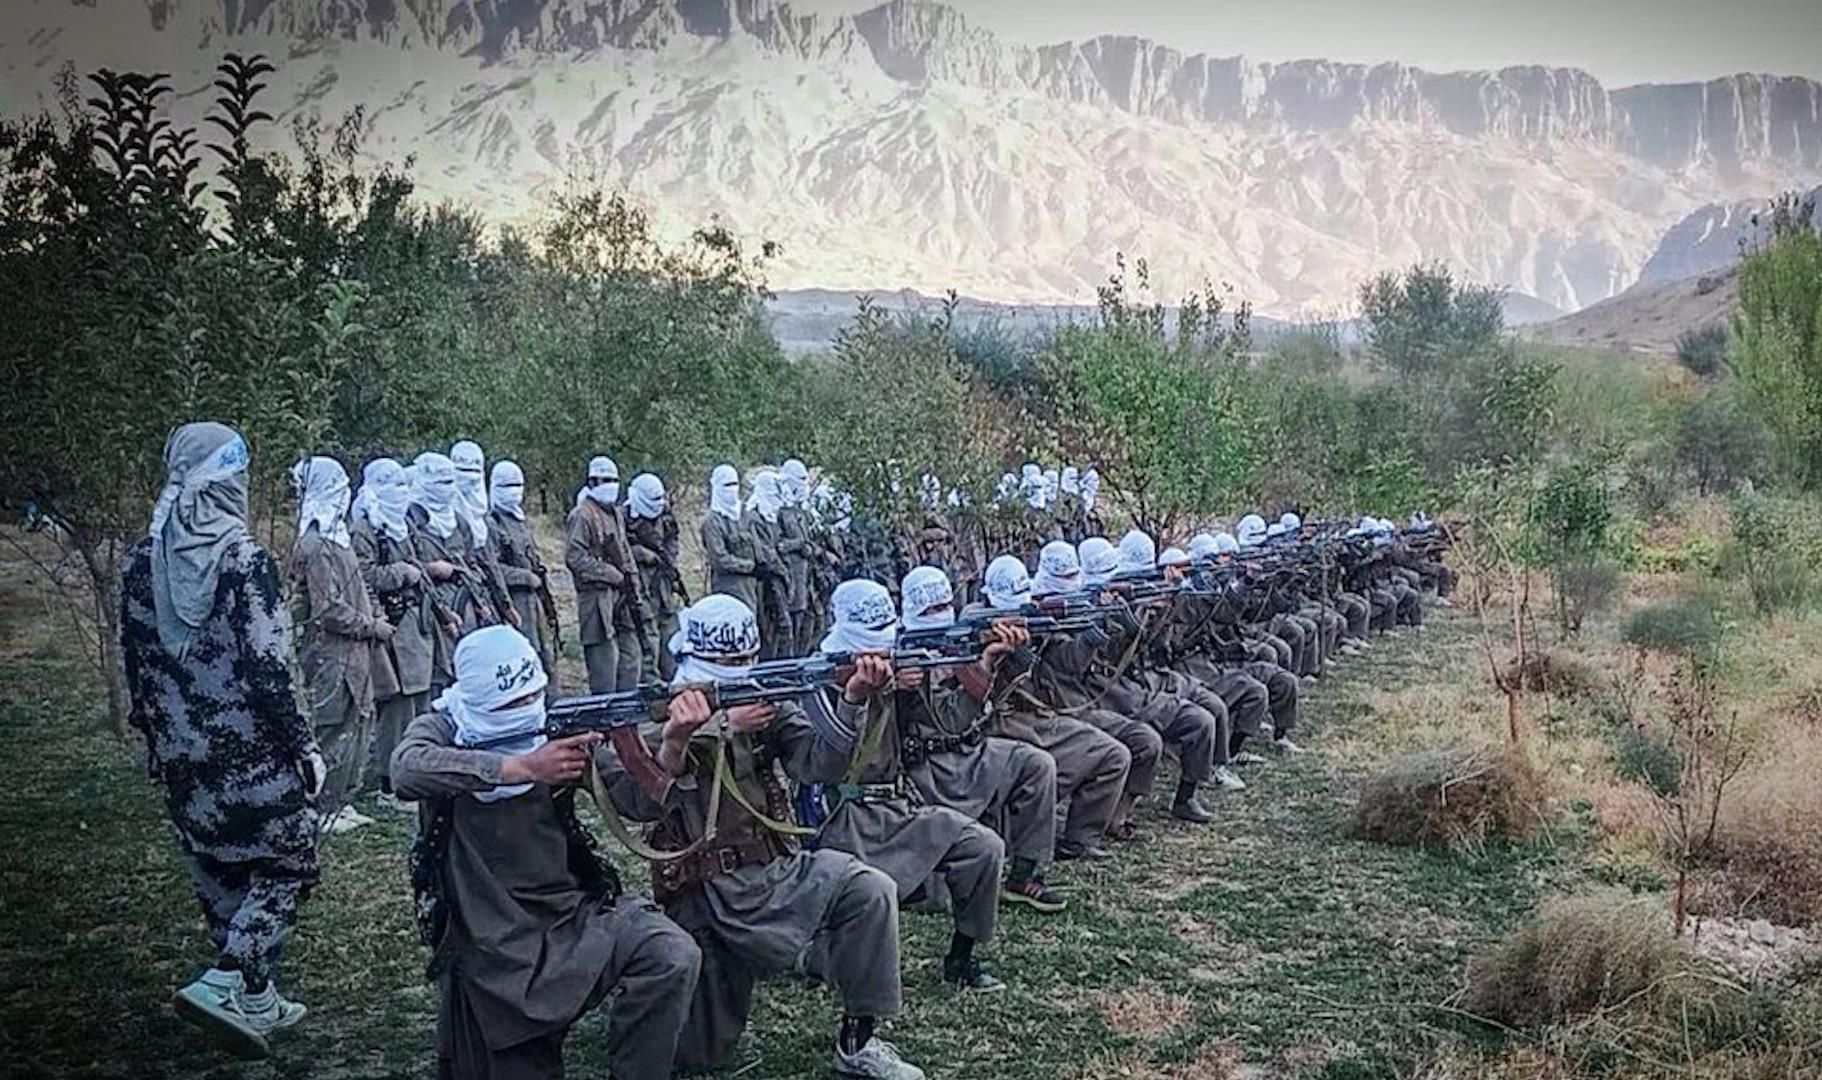 Taliban kuzeydeki eğitim kampının görüntülerini paylaştı